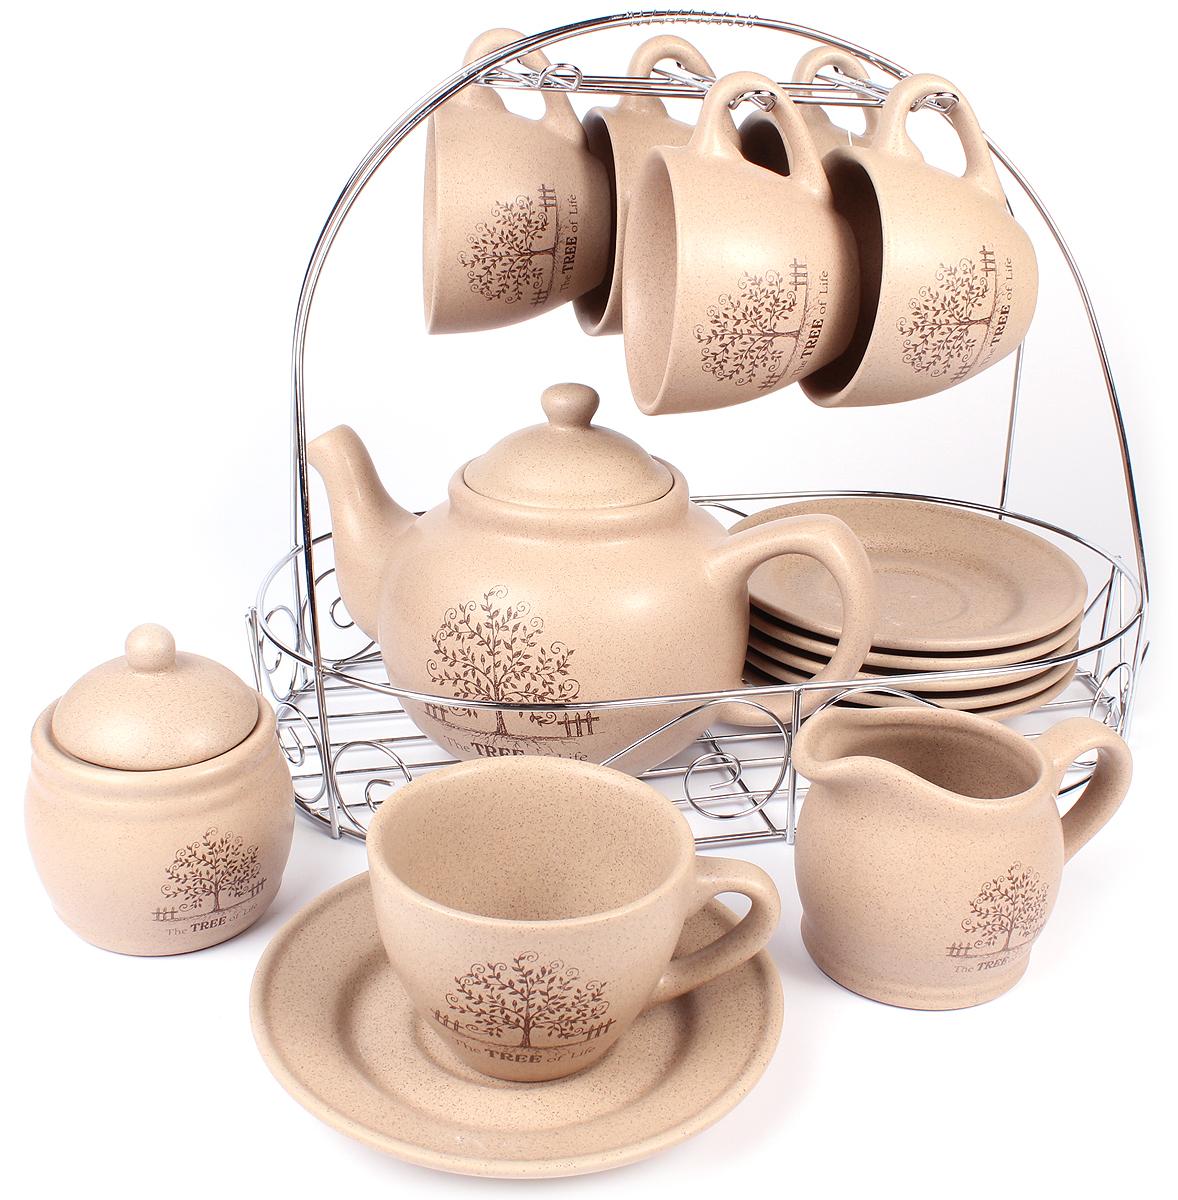 Набор чайный Elrington Терракота, 15 предметов. HD-0015HD-0015Набор чайный Elrington Терракота выполнен из керамики. Чайный набор на шесть персон включает в себя: шесть чашек (250 мл), шесть блюдец, чайник (1500 мл), сахарницу, металлическую подставку, которая позволит сэкономить место на кухне.Демократичный набор для повседневного использования и семейных посиделок.